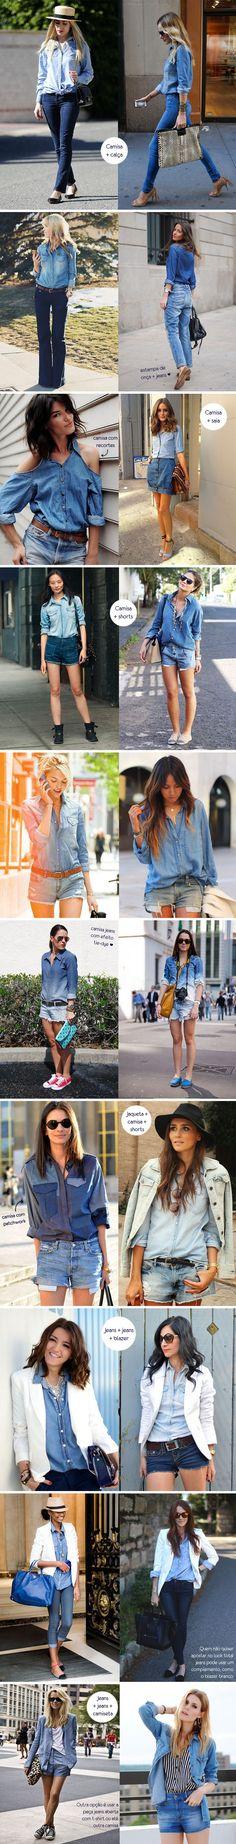 Inspiração como usar look total jeans